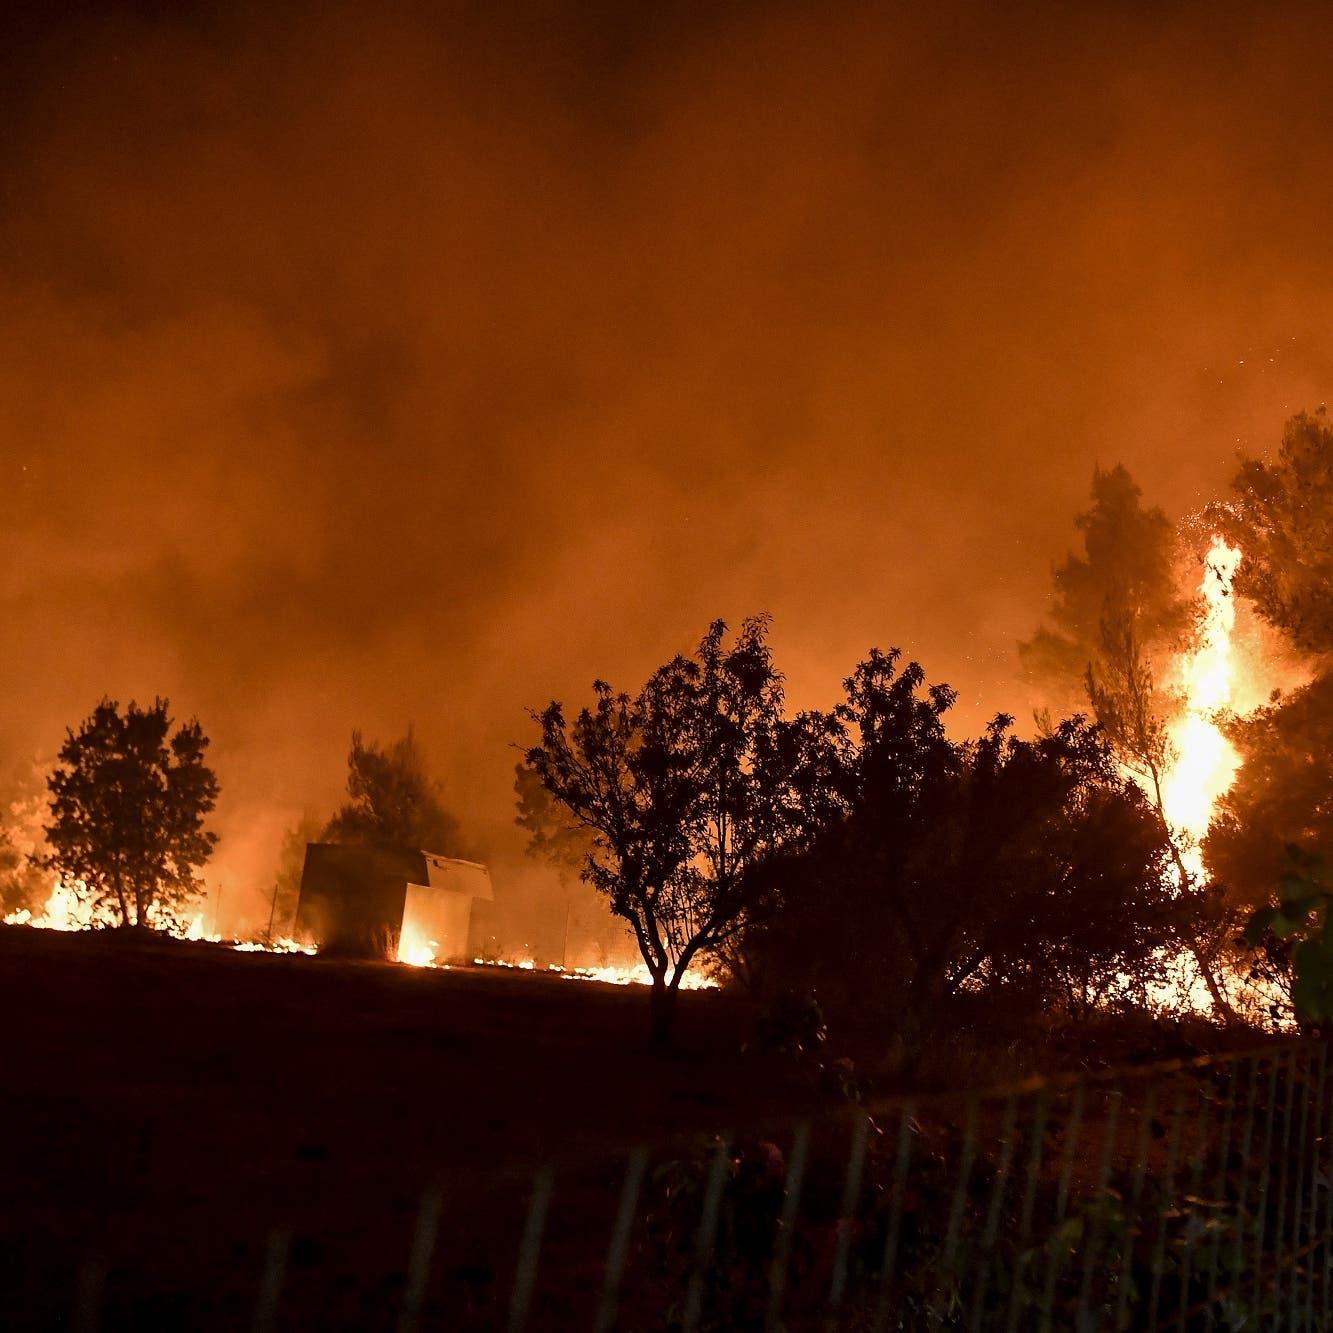 صور صادمة.. الحرائق تستعر من جديد شمال أثينا